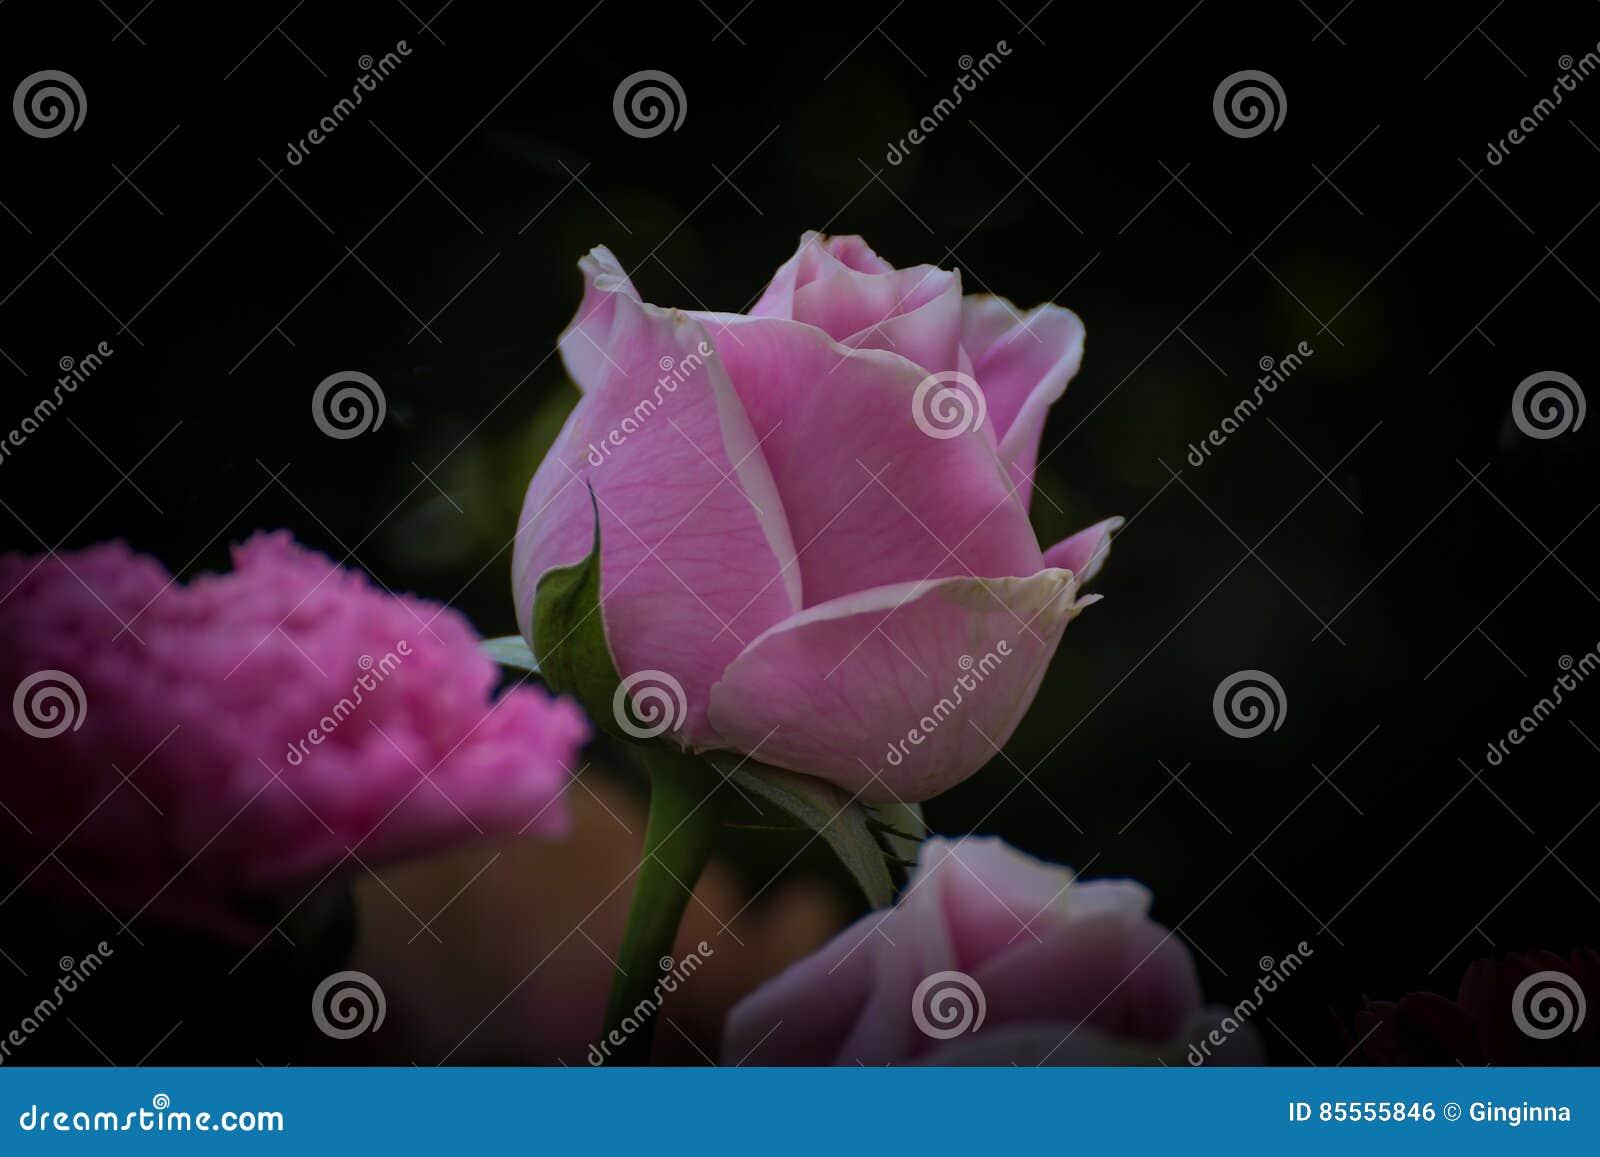 Rosa stieg auf dunklen Hintergrund